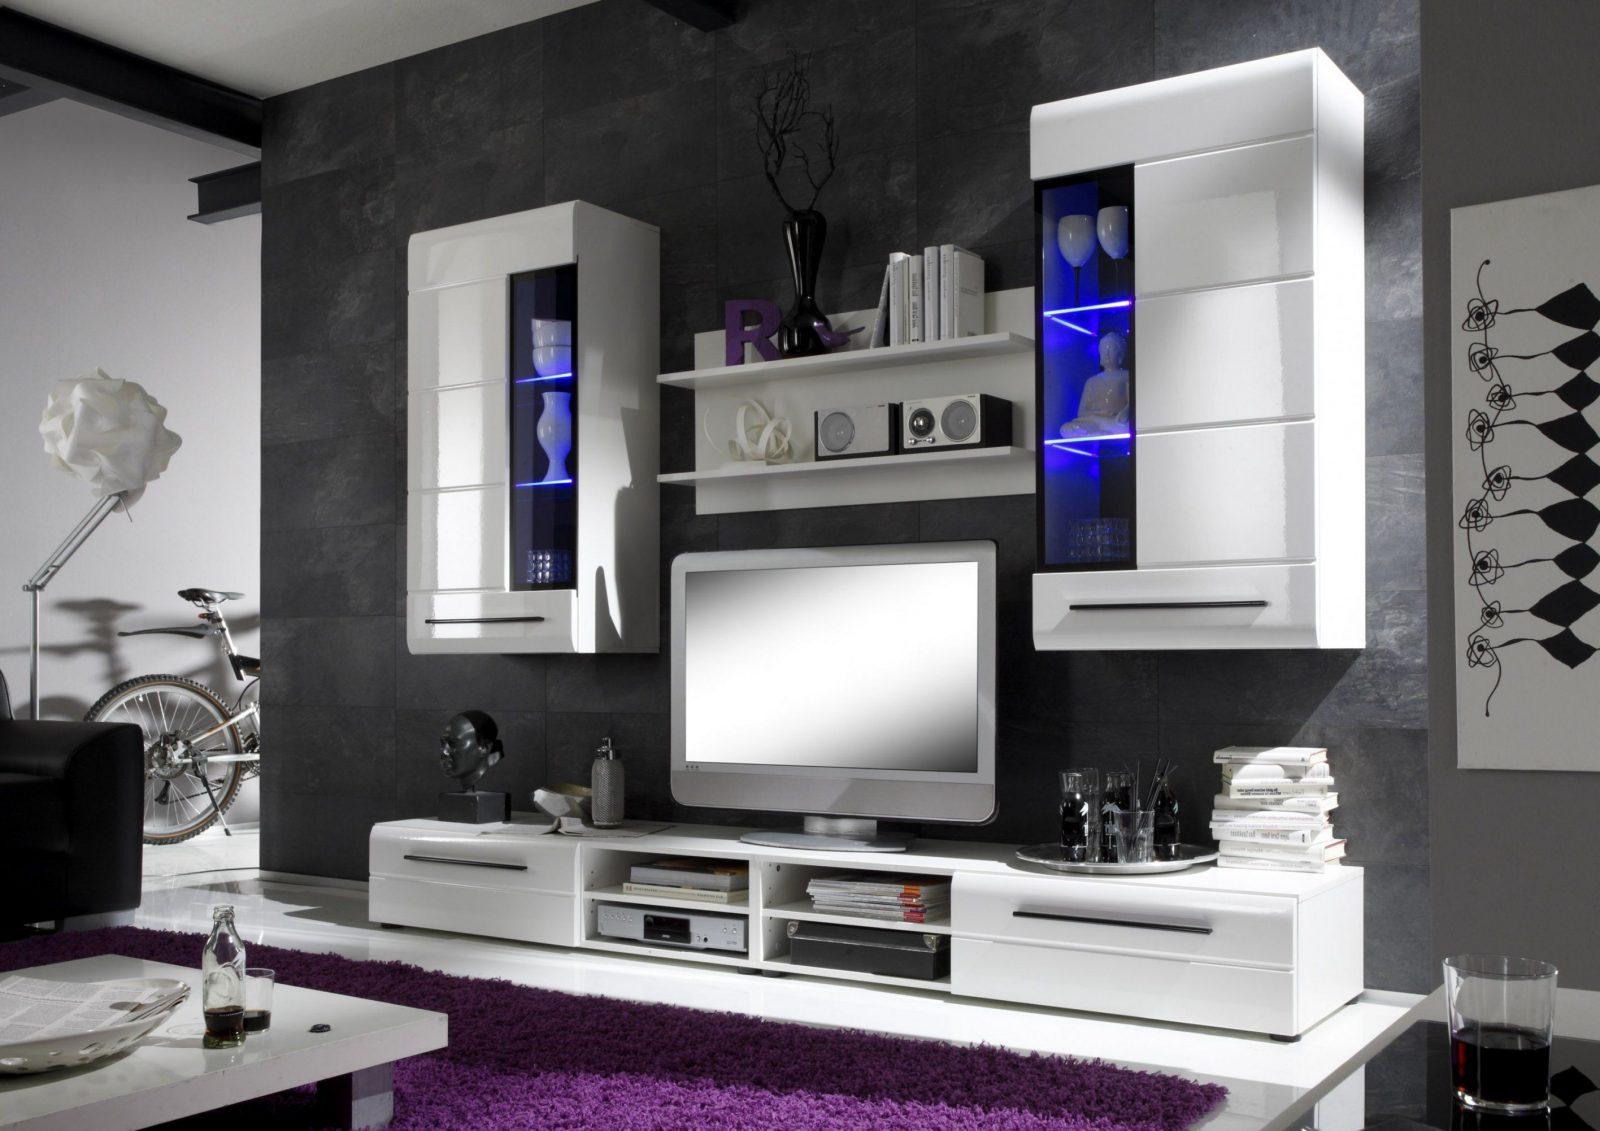 Inspirierend Wohnwand Weiß Schwarz Hochglanz Zum Wohnwand Schwarz von Wohnwand Hochglanz Weiß Schwarz Bild